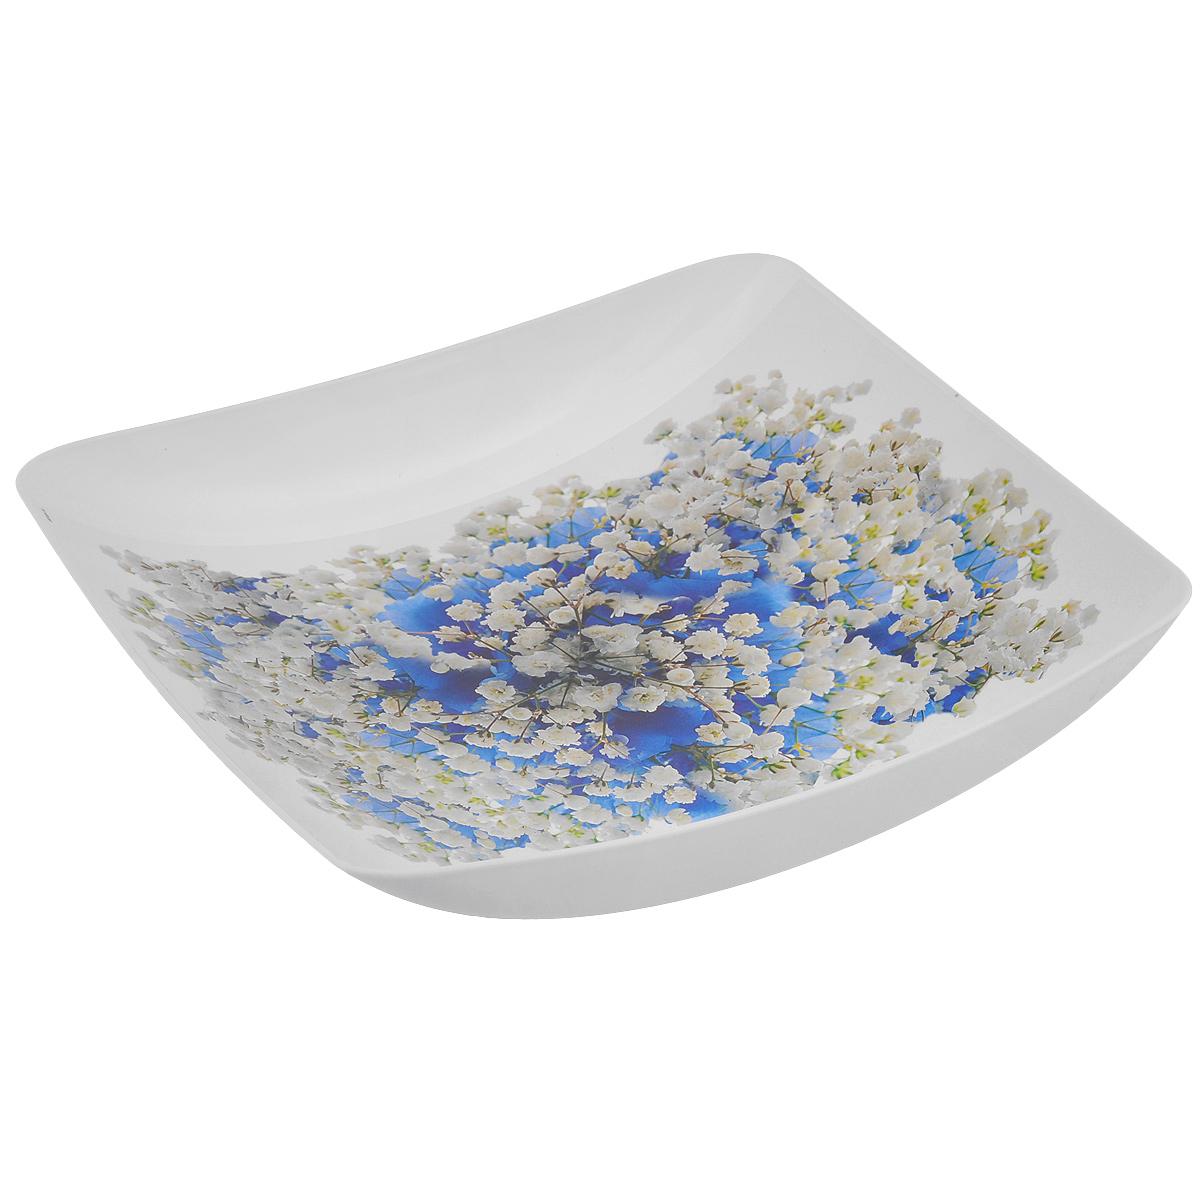 Блюдо Idea Голубые цветы, 24 х 25 смМ 1334Блюдо Idea Голубые цветы, выполненное из высококачественного полипропилена, непременно придется вам по вкусу и добавит красок в интерьер вашей кухни. Блюдо квадратной формы, оформленное изображением в виде роз, будет прекрасно смотреться на столе и порадует функциональностью. Блюдо Idea Голубые цветы не только украсит ваш стол и подчеркнет вкус хозяйки, но и станет отличным подарком к любому празднику.